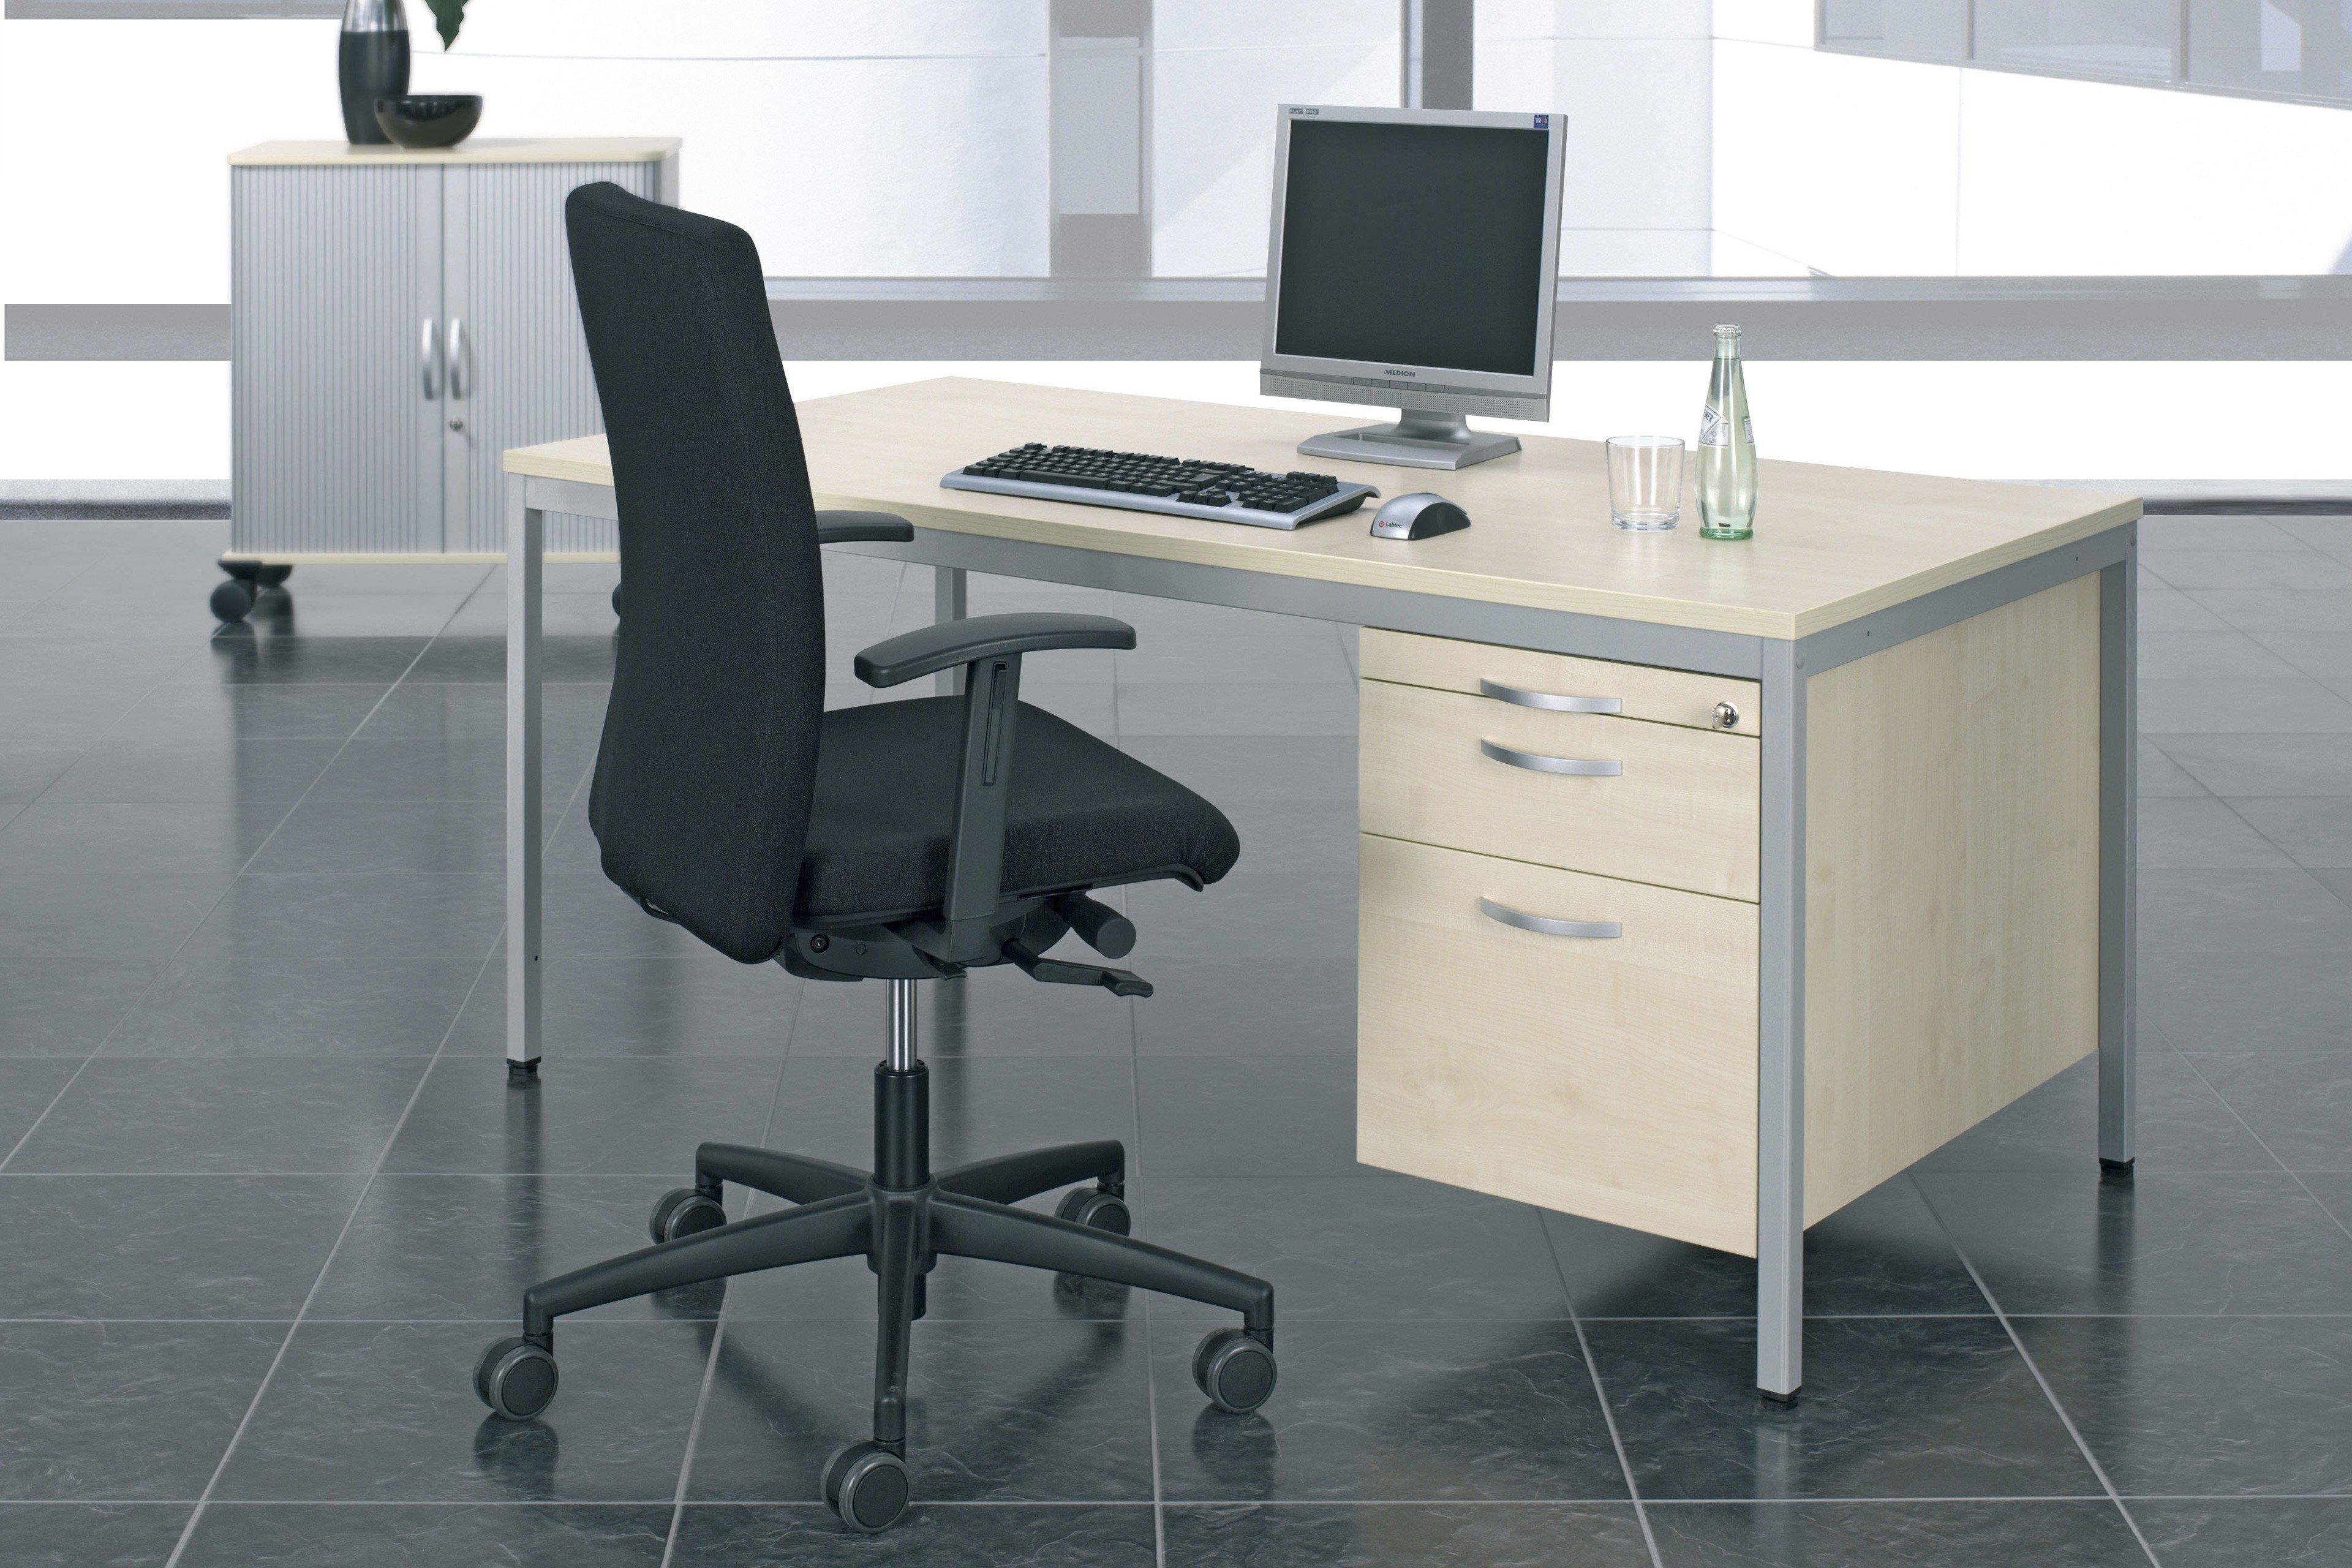 geramöbel 4 Fuß Eco »Schreibtisch« | Möbel Letz - Ihr Online-Shop